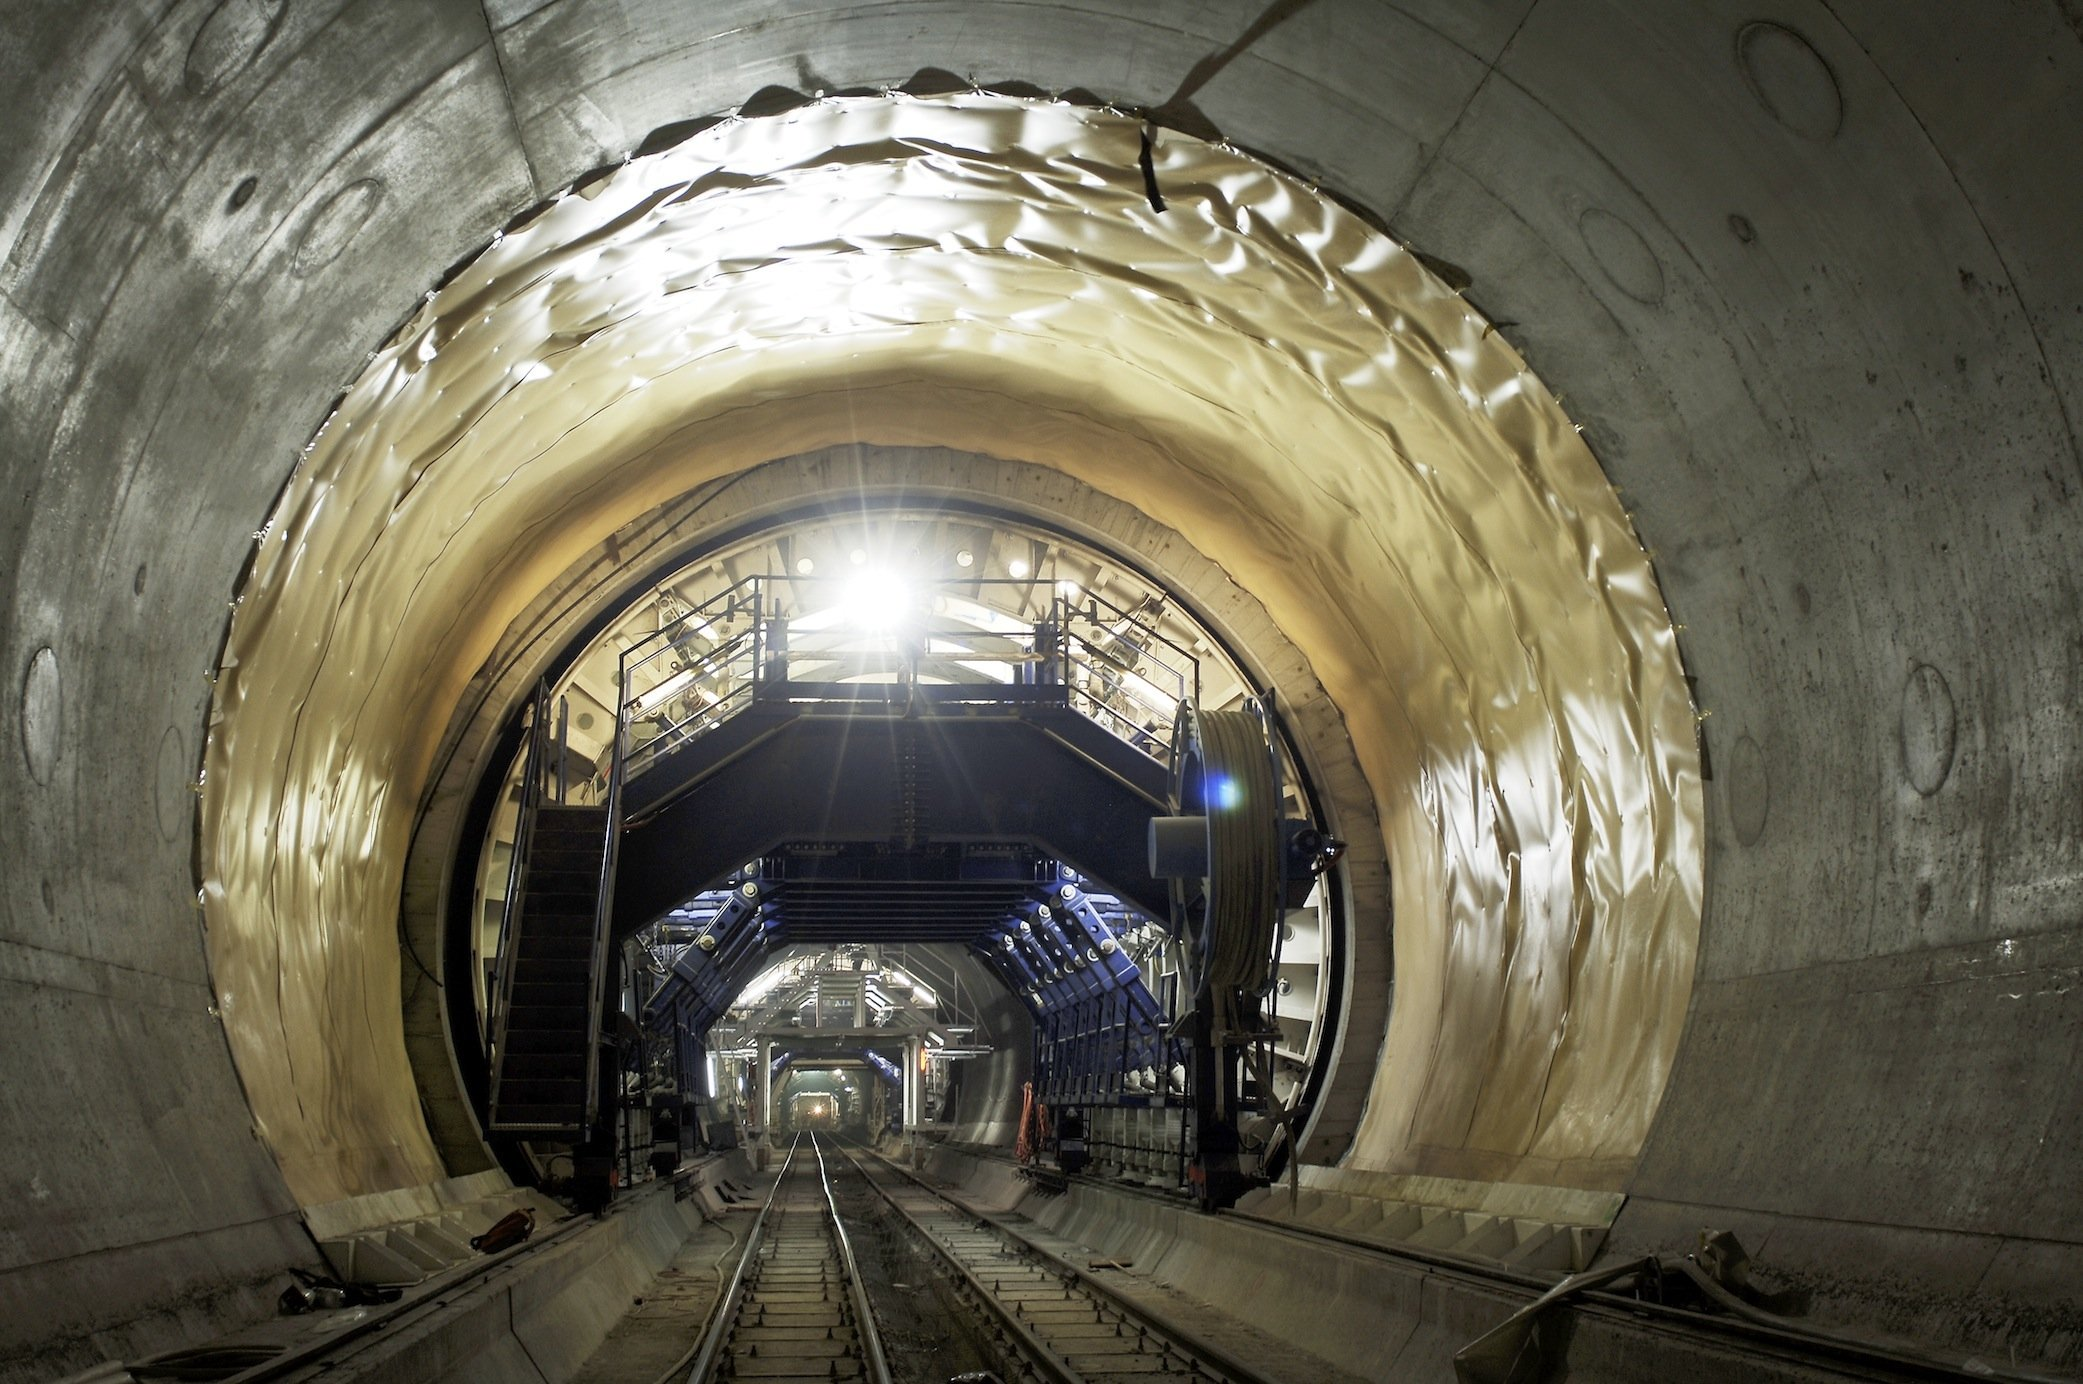 Schalwagen im Gotthardtunnel: Die Tunnelwände wurden alle 2 cm vermessen, um immer die richtige Menge Beton aufzutragen.